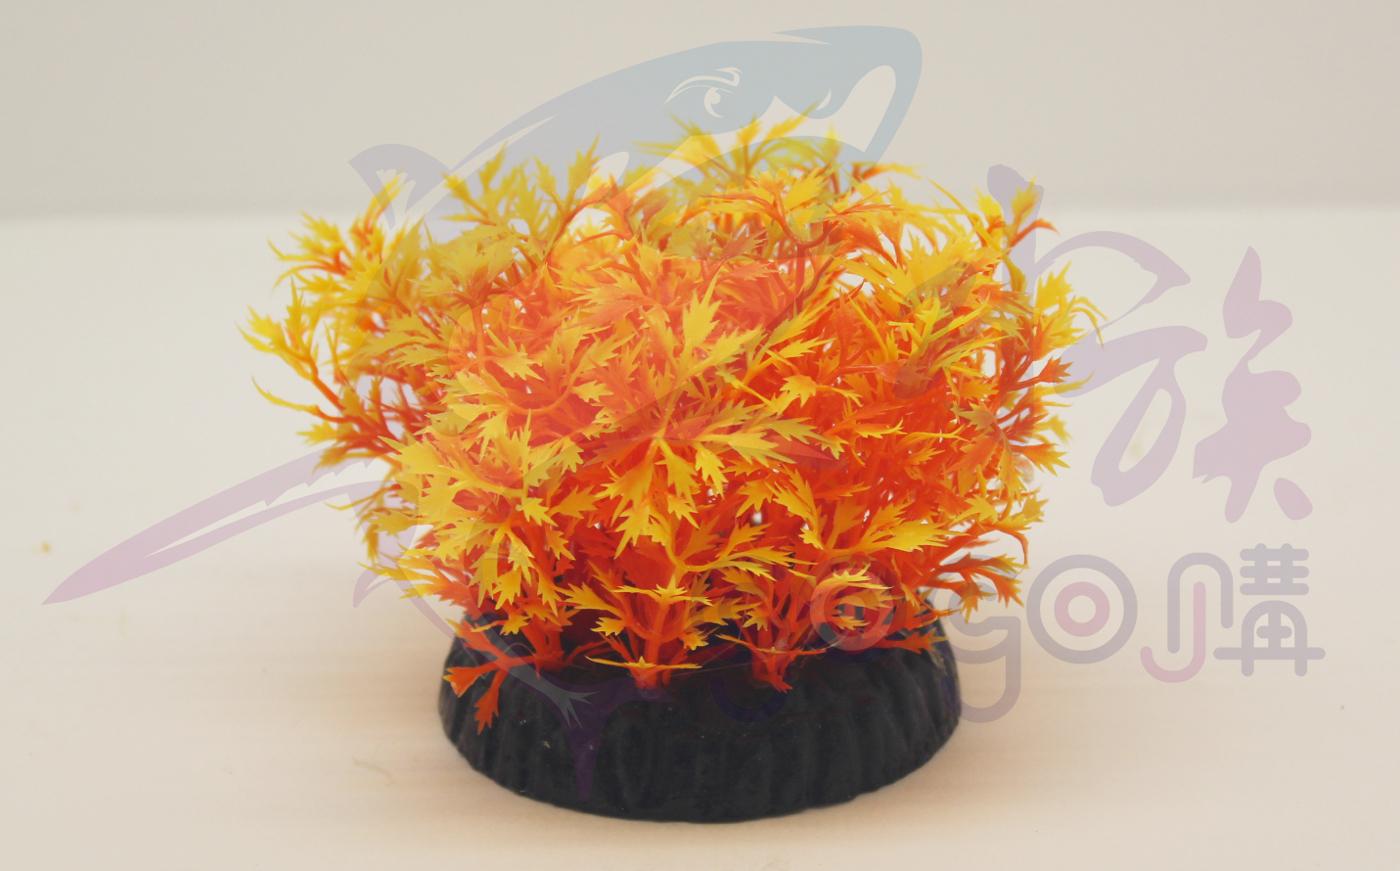 【AQ王國】AP- 0350 魚缸 裝飾品 造景 魚蝦躲藏 不打架 假水草3吋(底:5.8CM*高9.3CM)